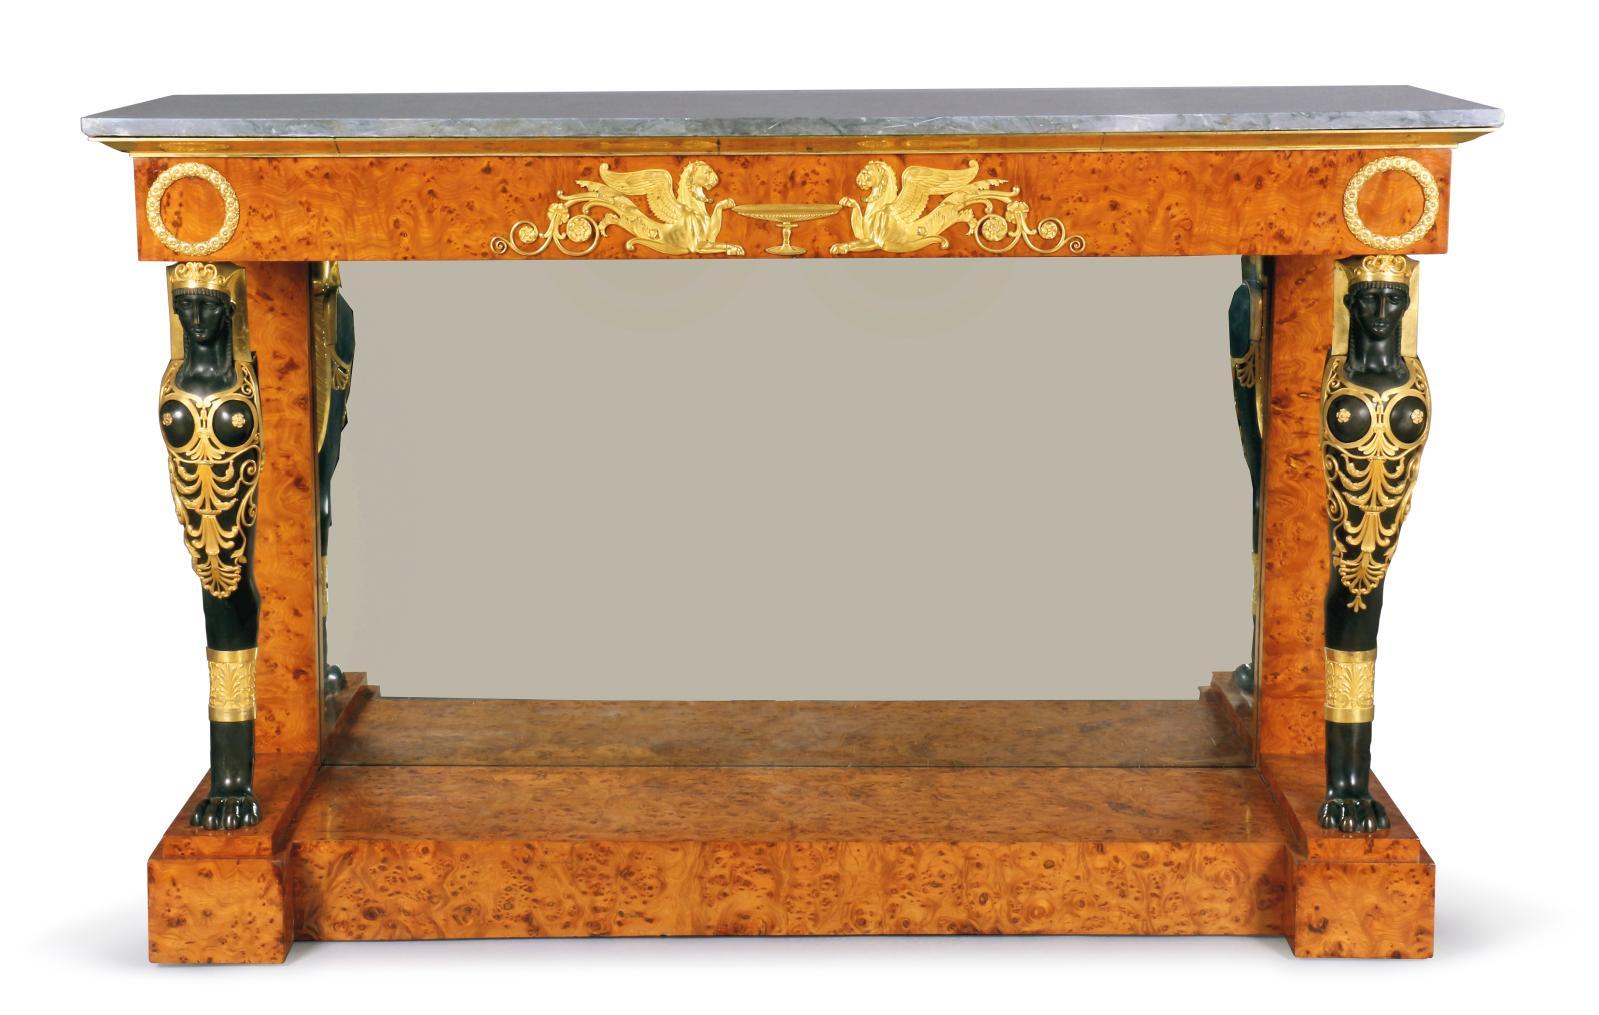 Console, d'une série de quatre placées dans le grand salon de l'impératrice au palais de Saint-Cloud, vers 1800-1802, orme, bronze patiné